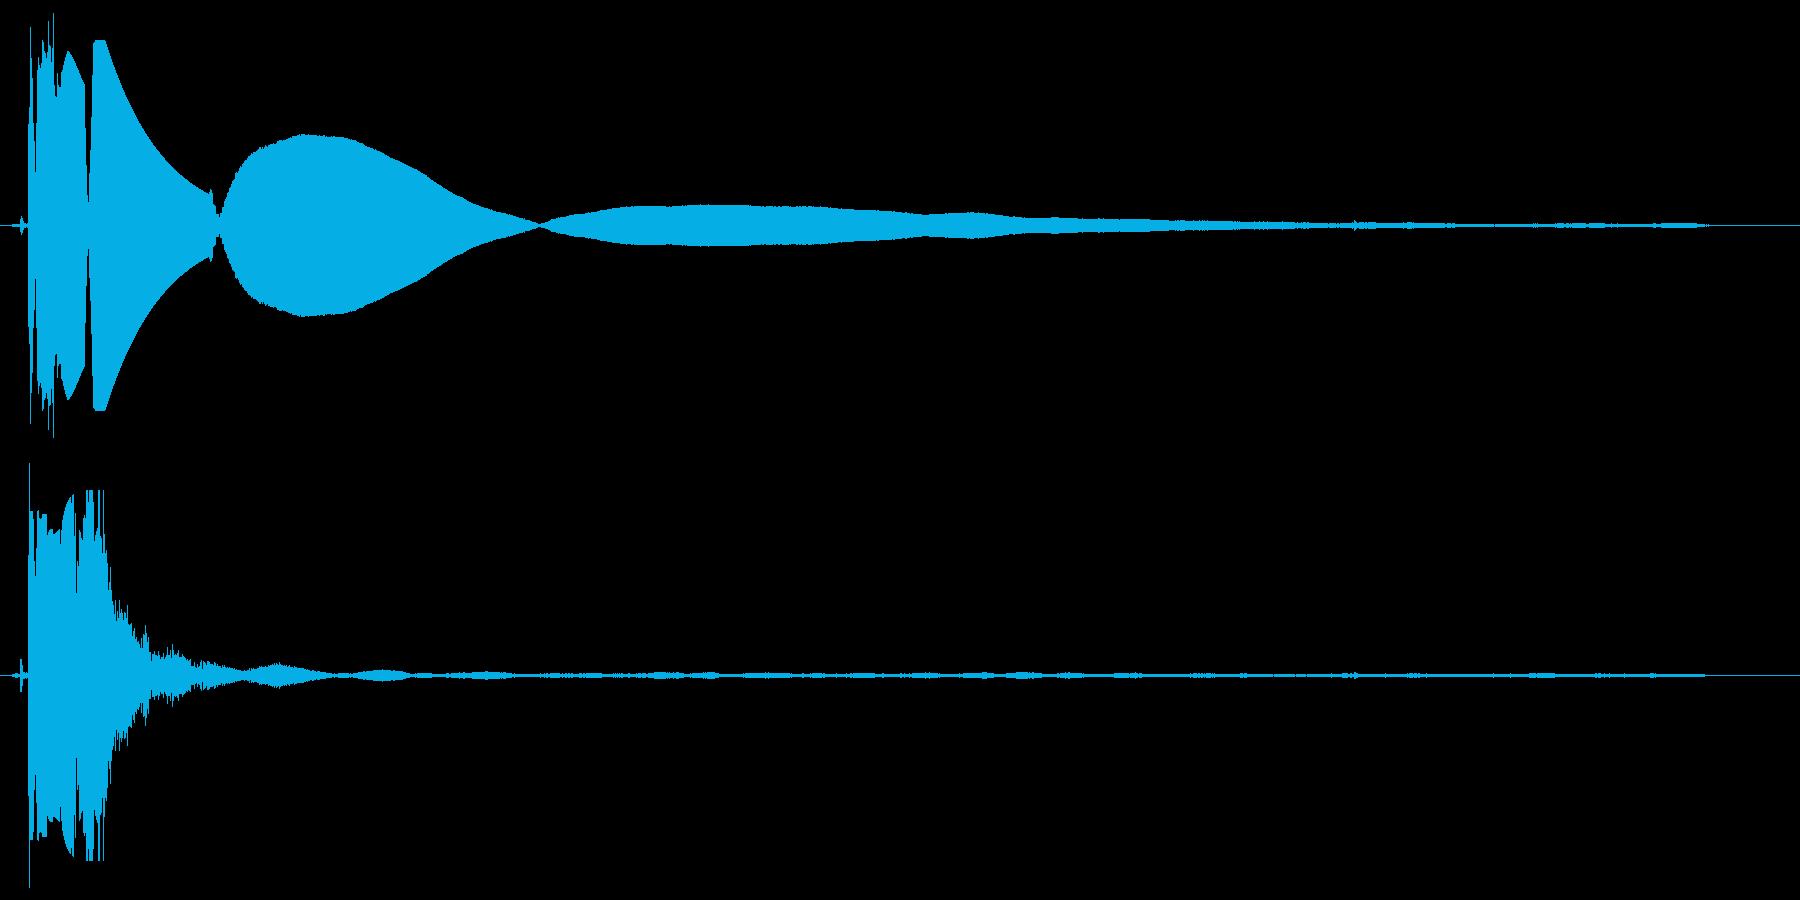 バチッというスイッチ音の再生済みの波形